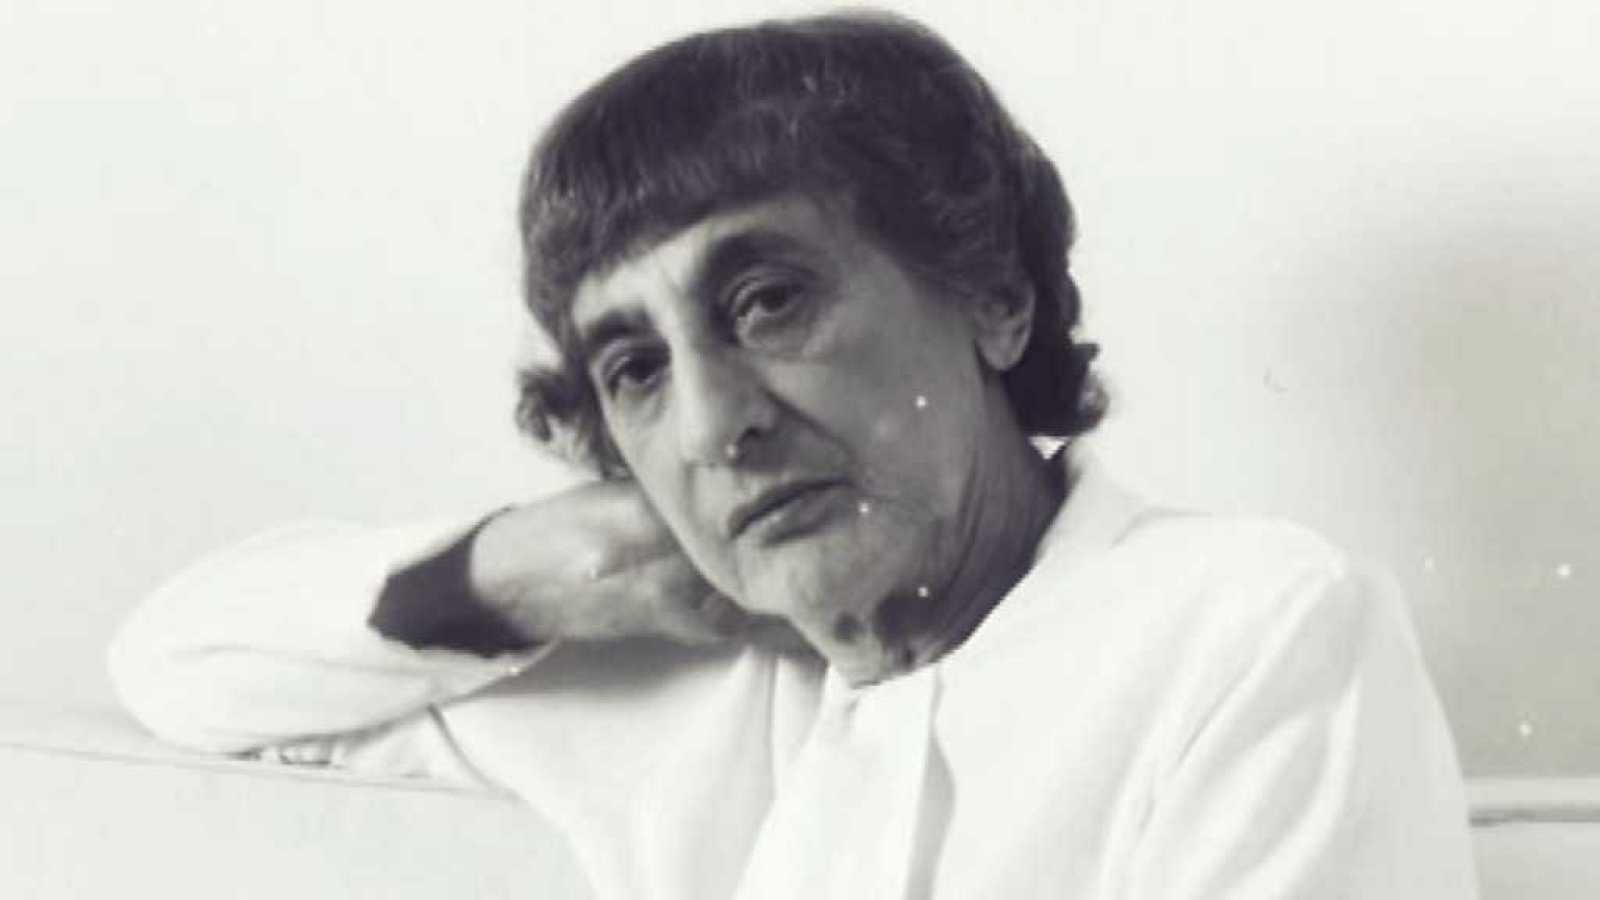 La Sala. Guggenheim - Anni Albers. Tocar la vista - ver ahora